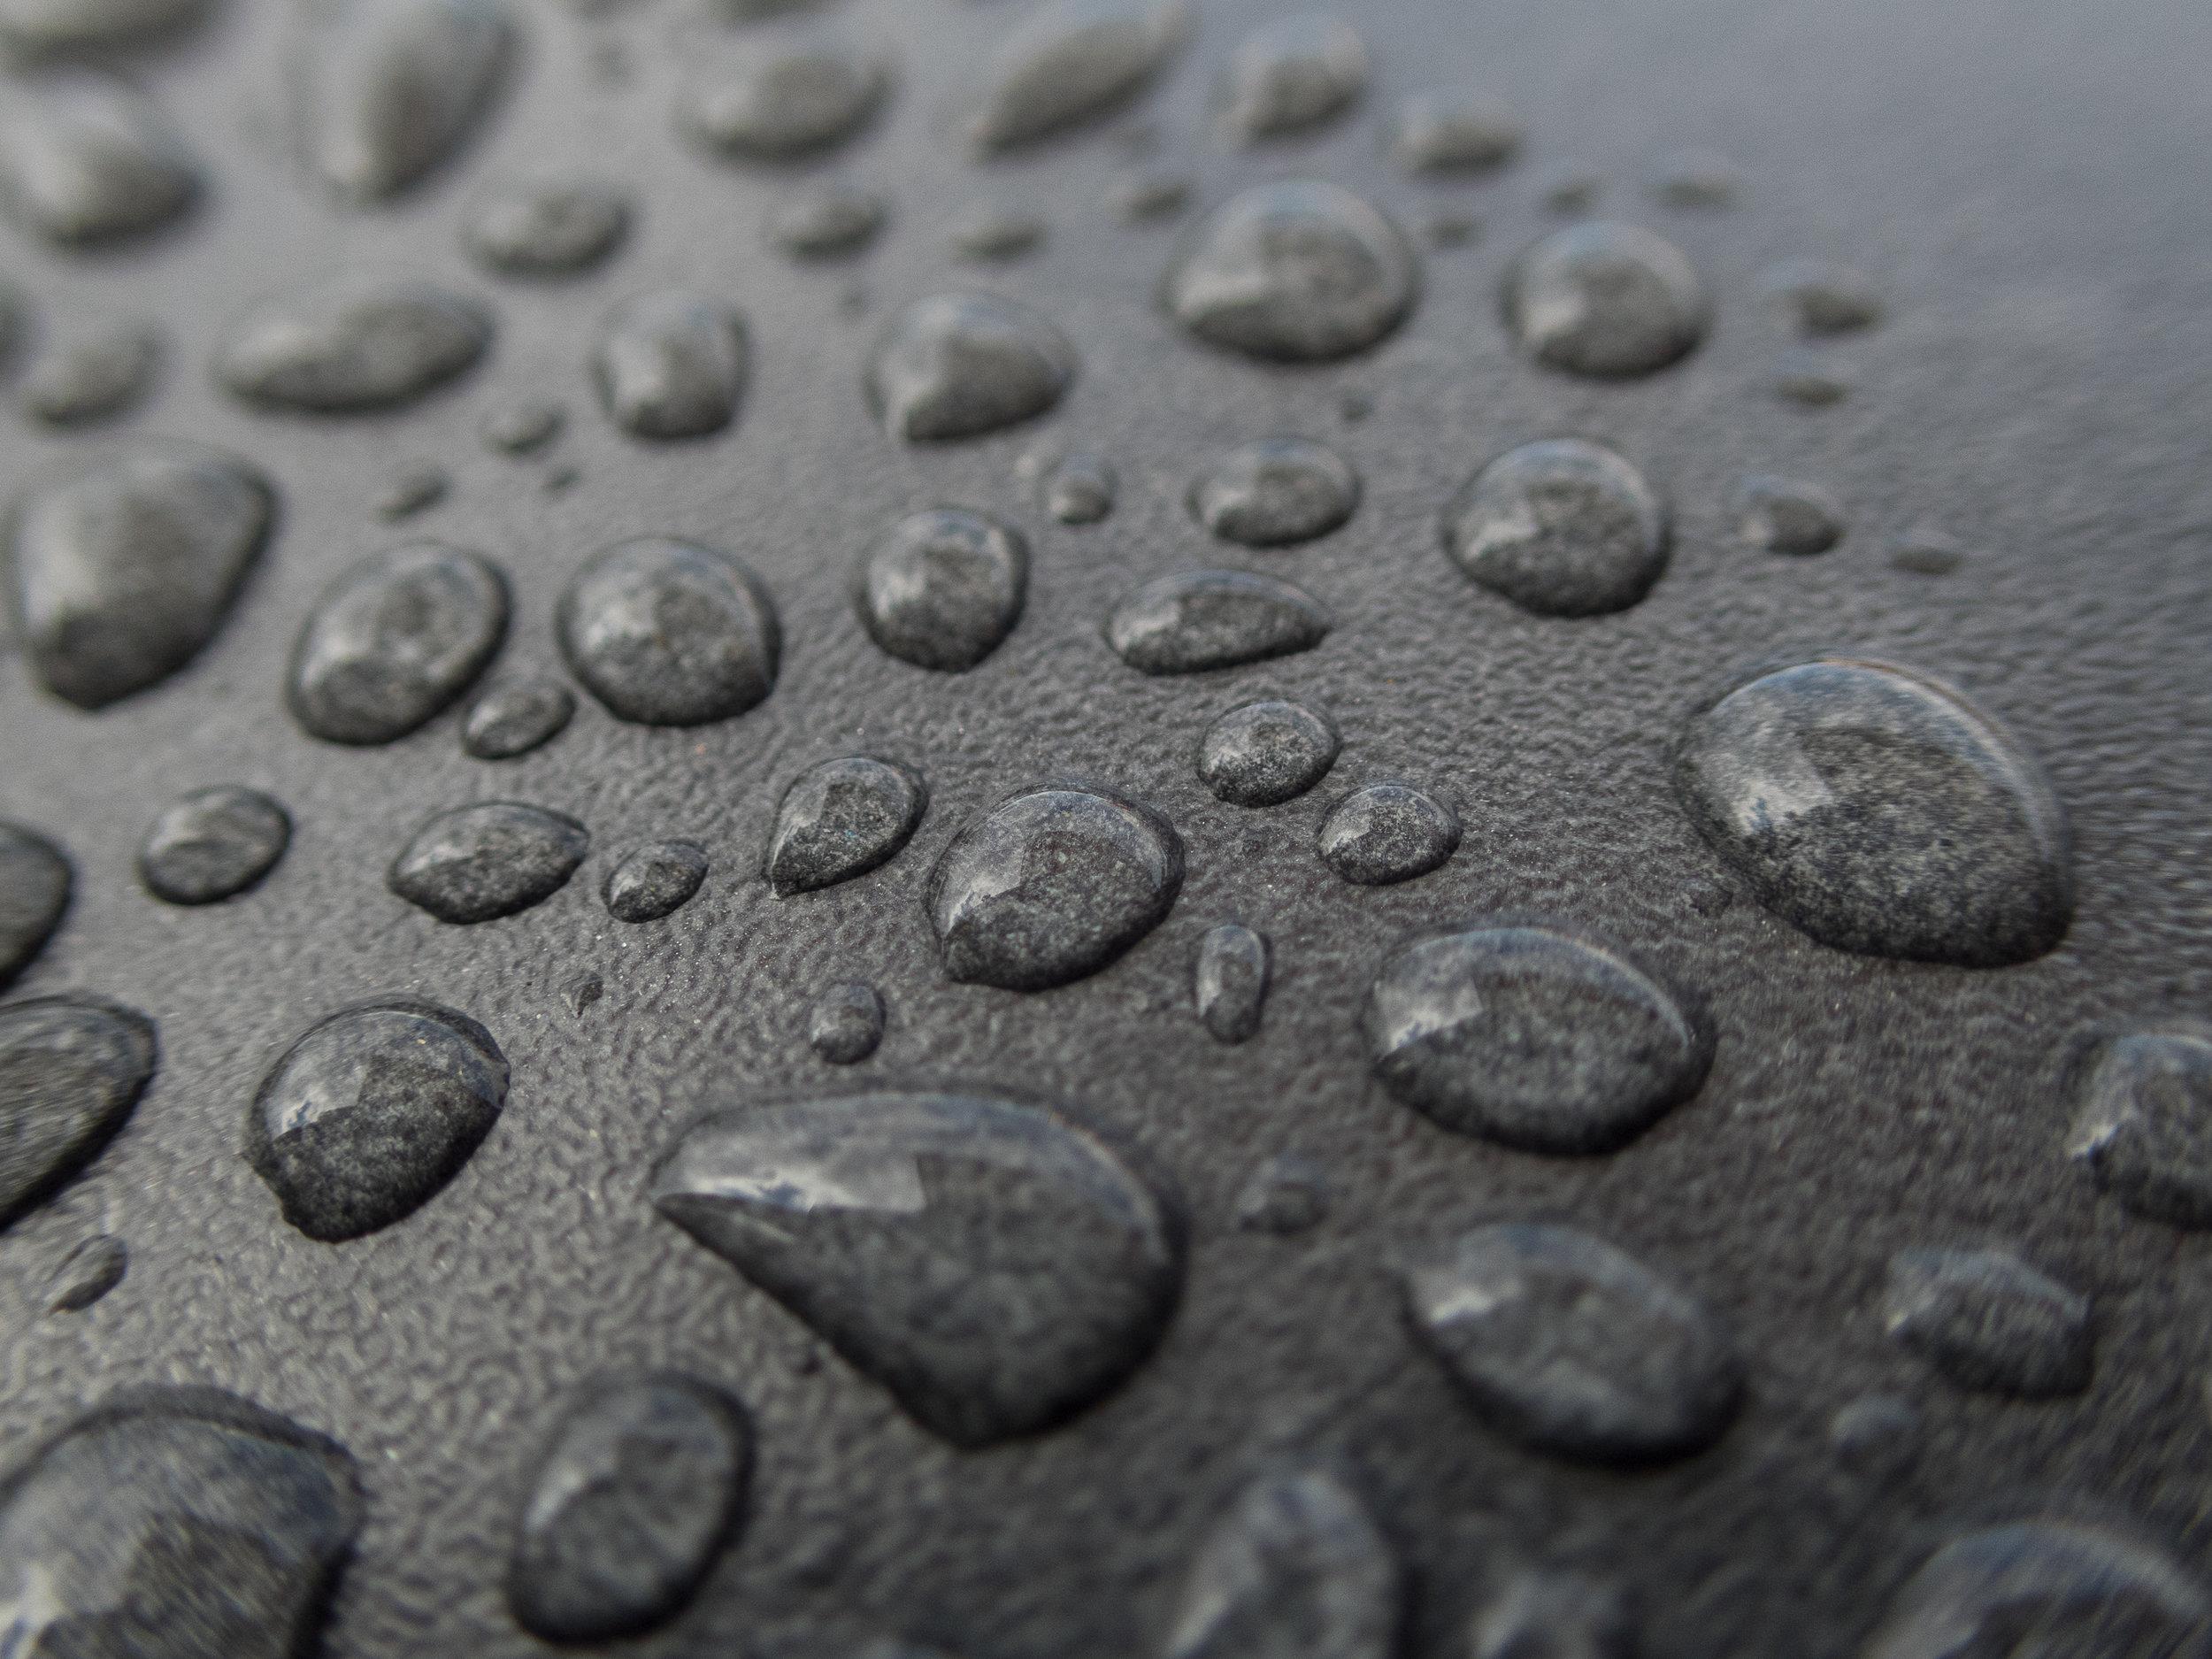 Drops-P6070378-©Bjørn Joachimsen.jpg